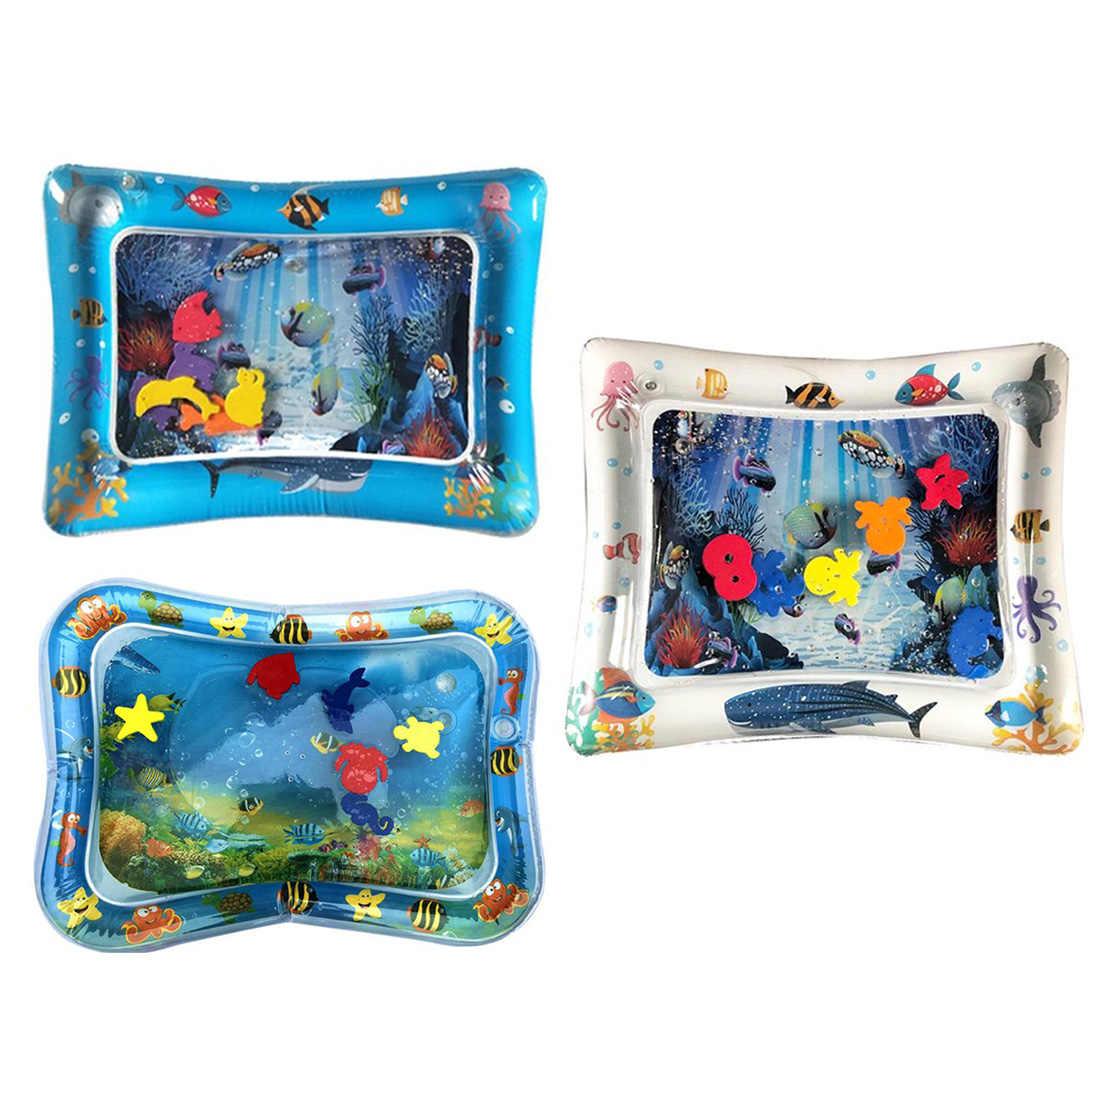 Детская Надувная подушка с заплатками, креативная многофункциональная Детская Надувная подушка для воды, мягкое ползающее водяное сиденье, забавная площадка для активного отдыха